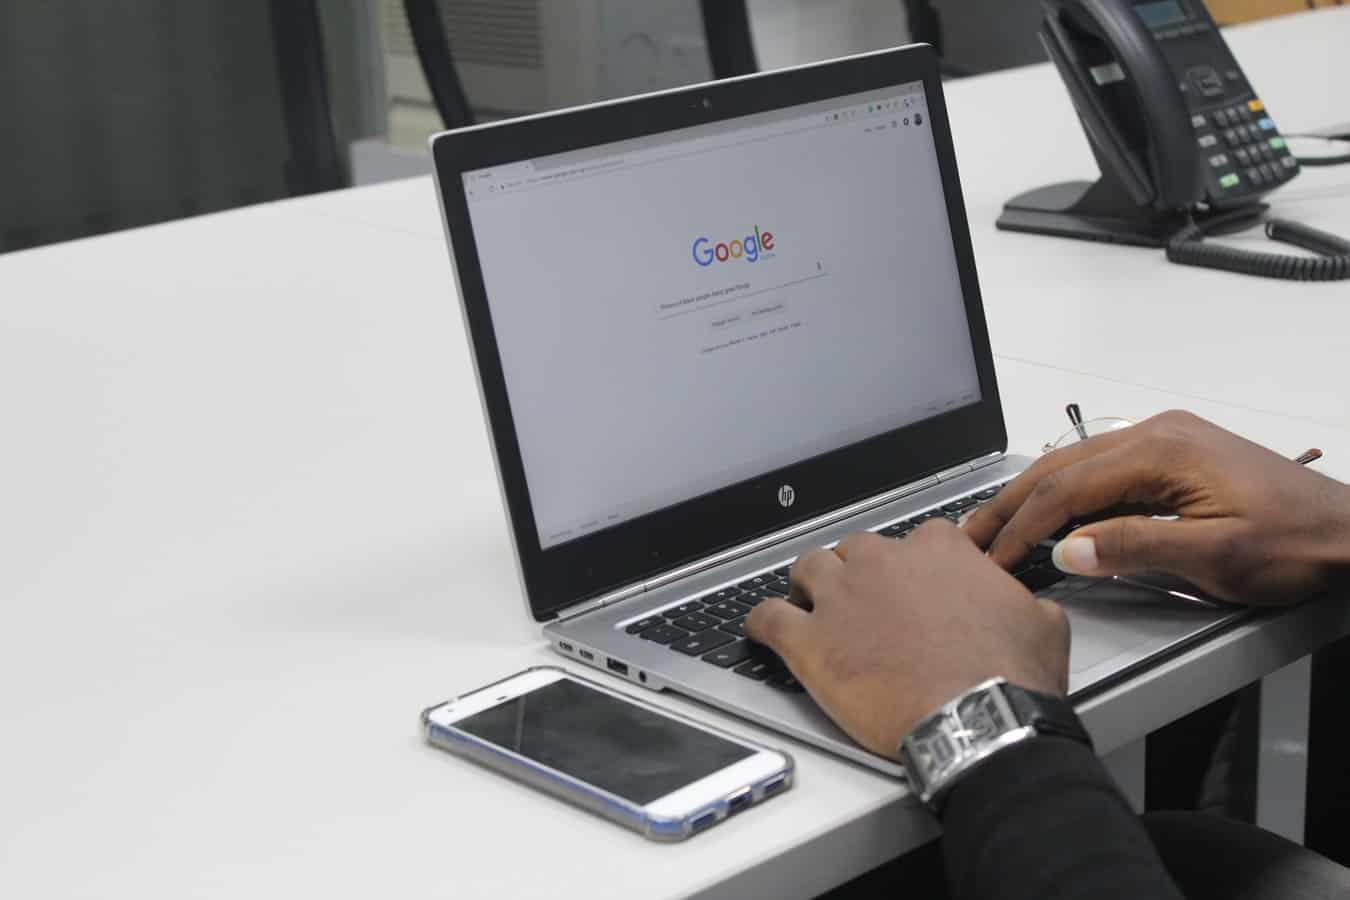 lokalne wyniki wyszukiwania w google